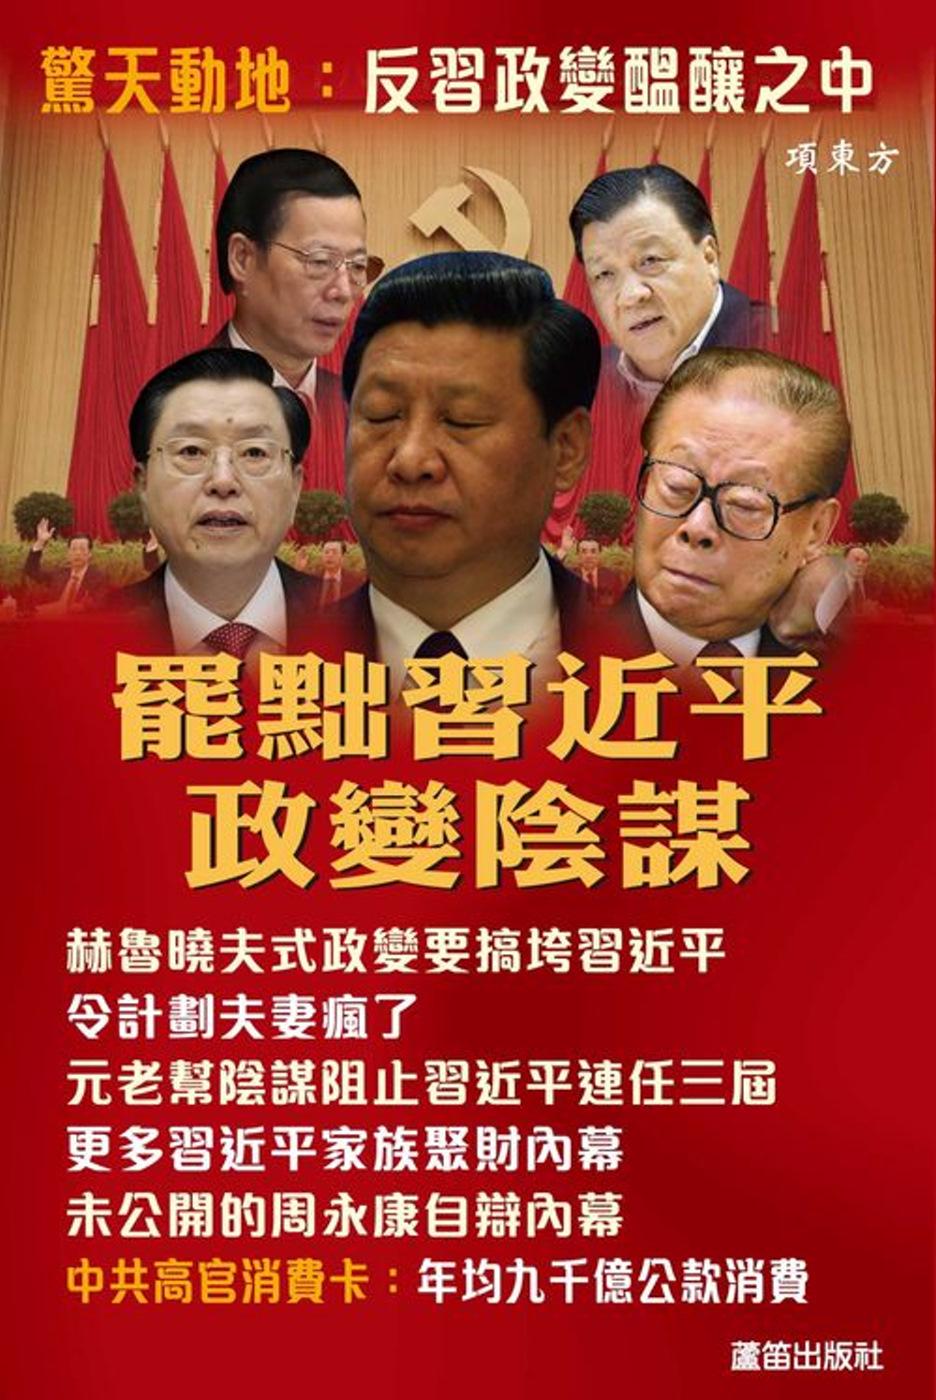 罷黜習近平政變陰謀